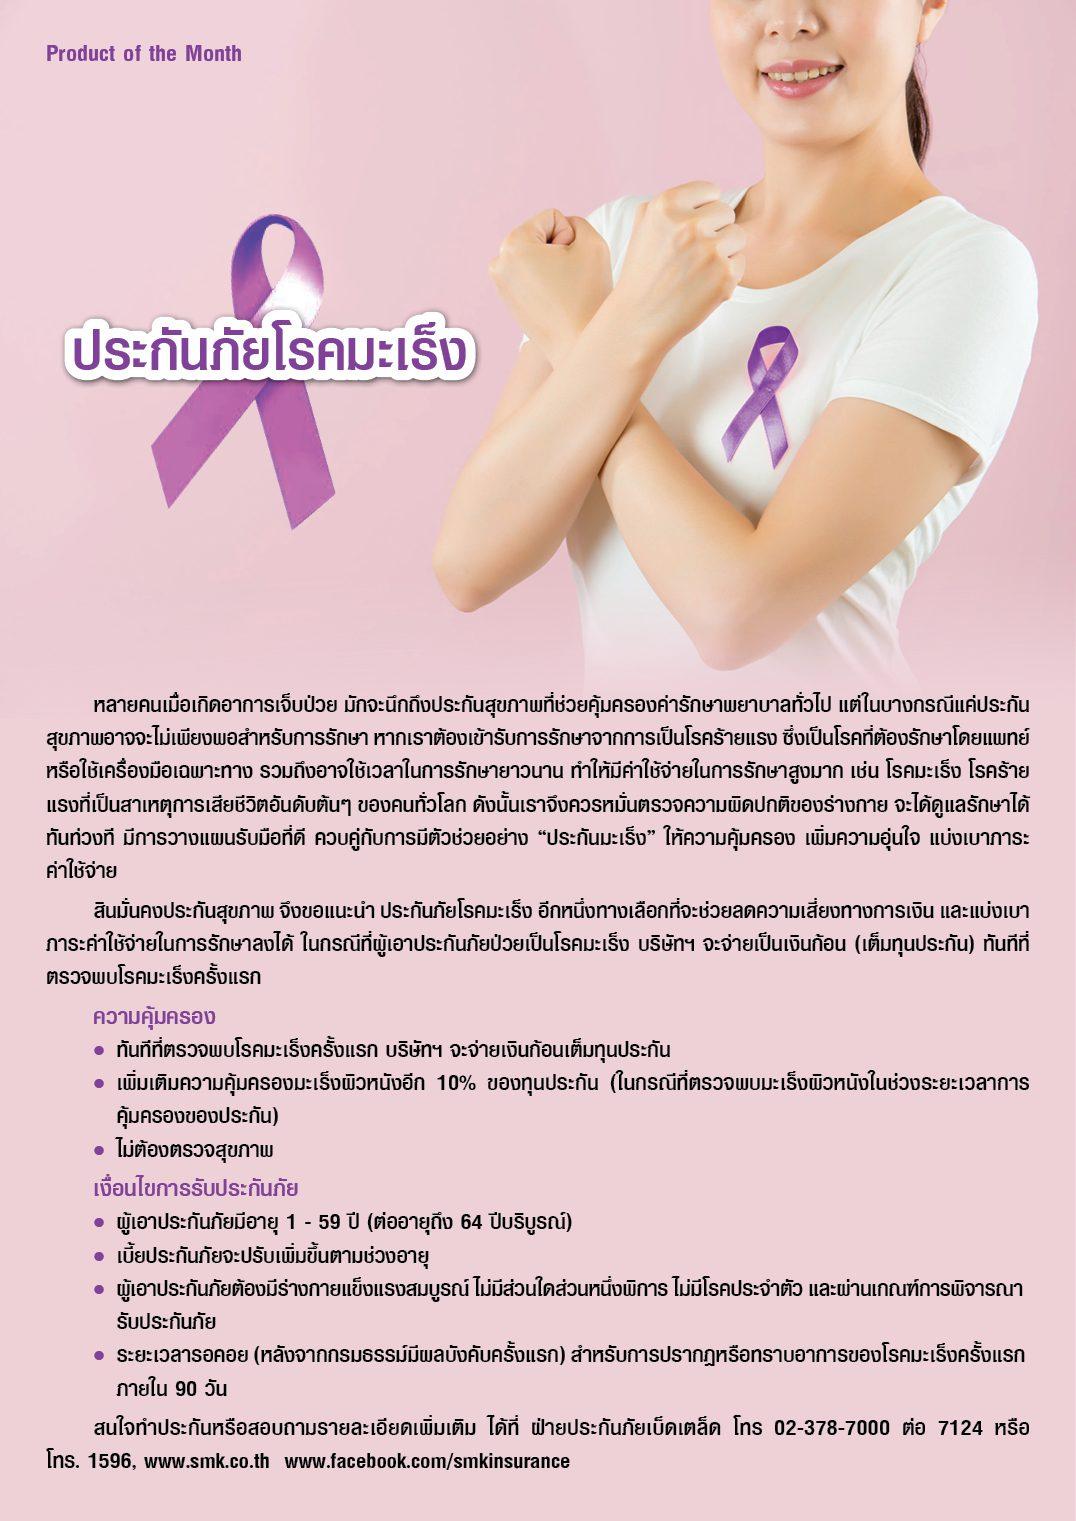 ช่องทางการเงิน ... แบ่งเบาภาระทางการเงิน ช่วยลดความเสี่ยงรักษามะเร็ง ตามกฏหมาย